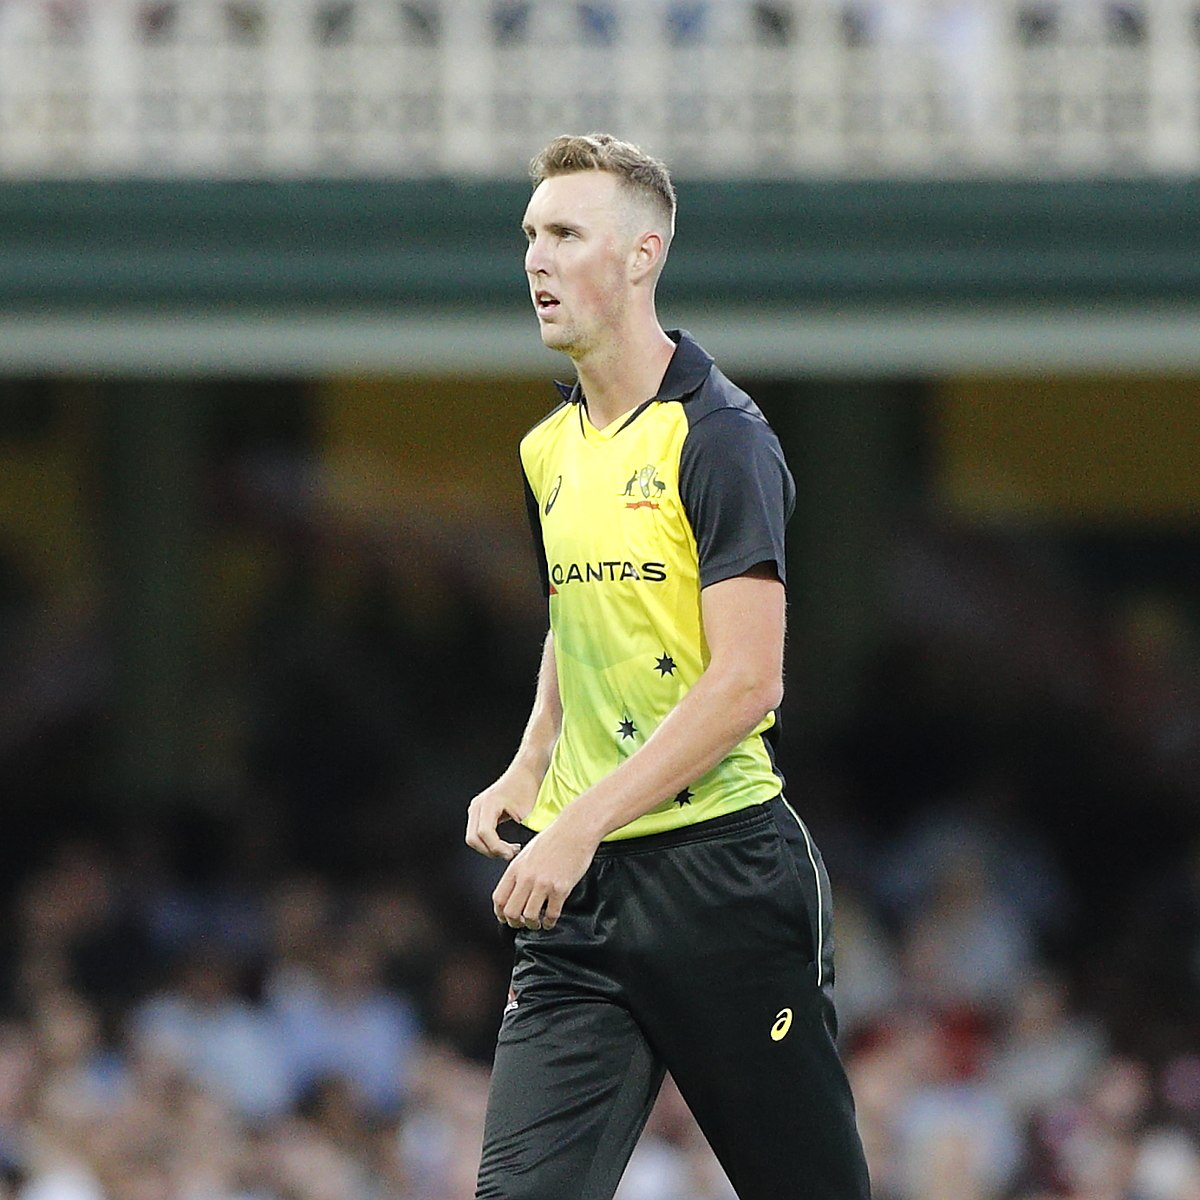 बिली स्टेनलेक के अलावा ये खिलाड़ी भी अन्तर्राष्ट्रीय टी-20 के एक मैच में ले चुके है 4 विकेट, लिस्ट में 1 भारतीय